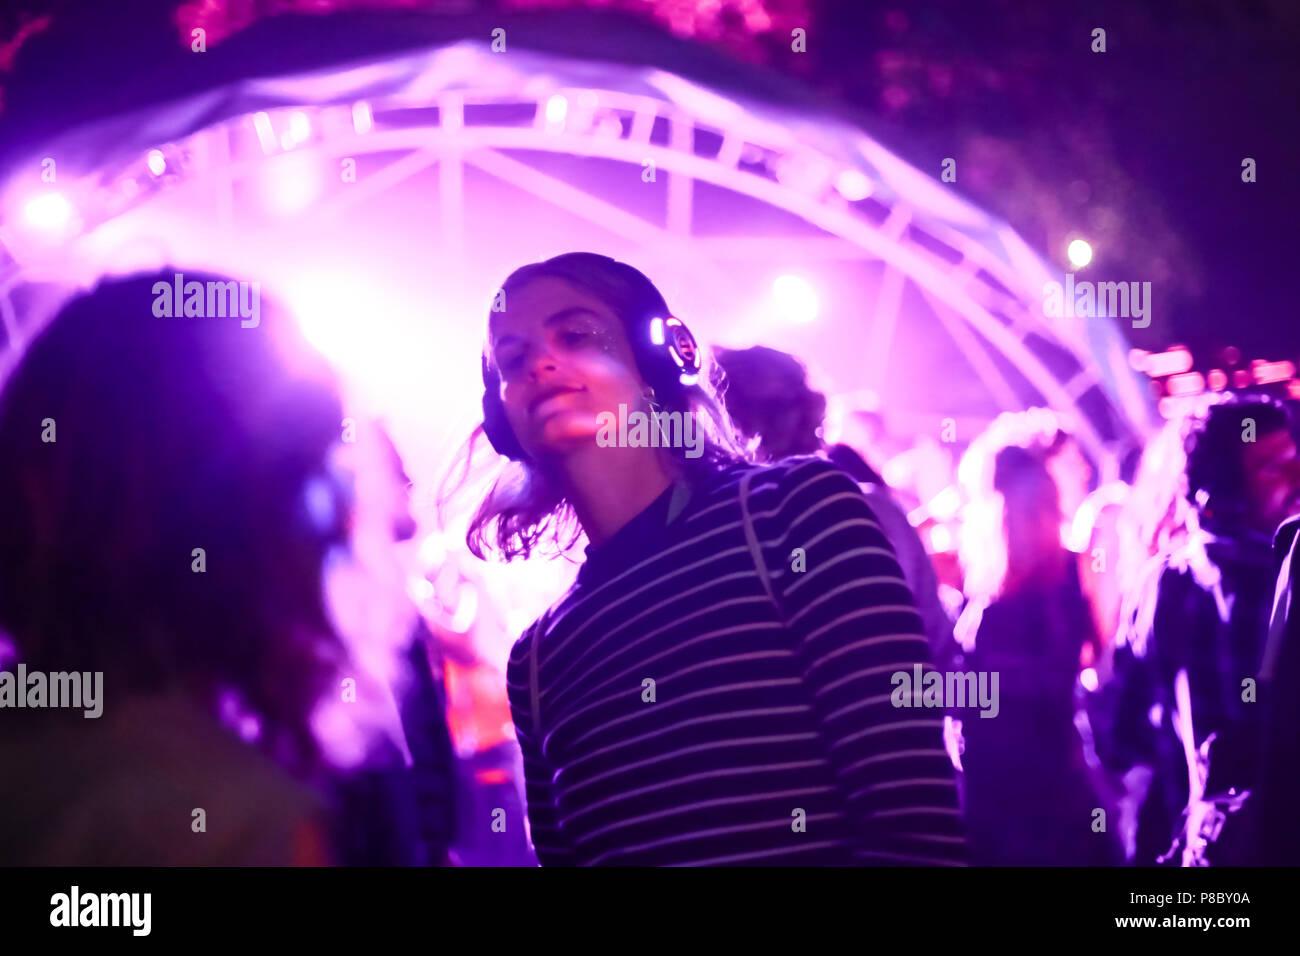 ZAGREB, CROATIE - 26 juin 2018: Silent Party by Yem kolektiv DJ sur le 13ème festival INmusic situé sur le lac Jarun à Zagreb, Croatie. Photo Stock